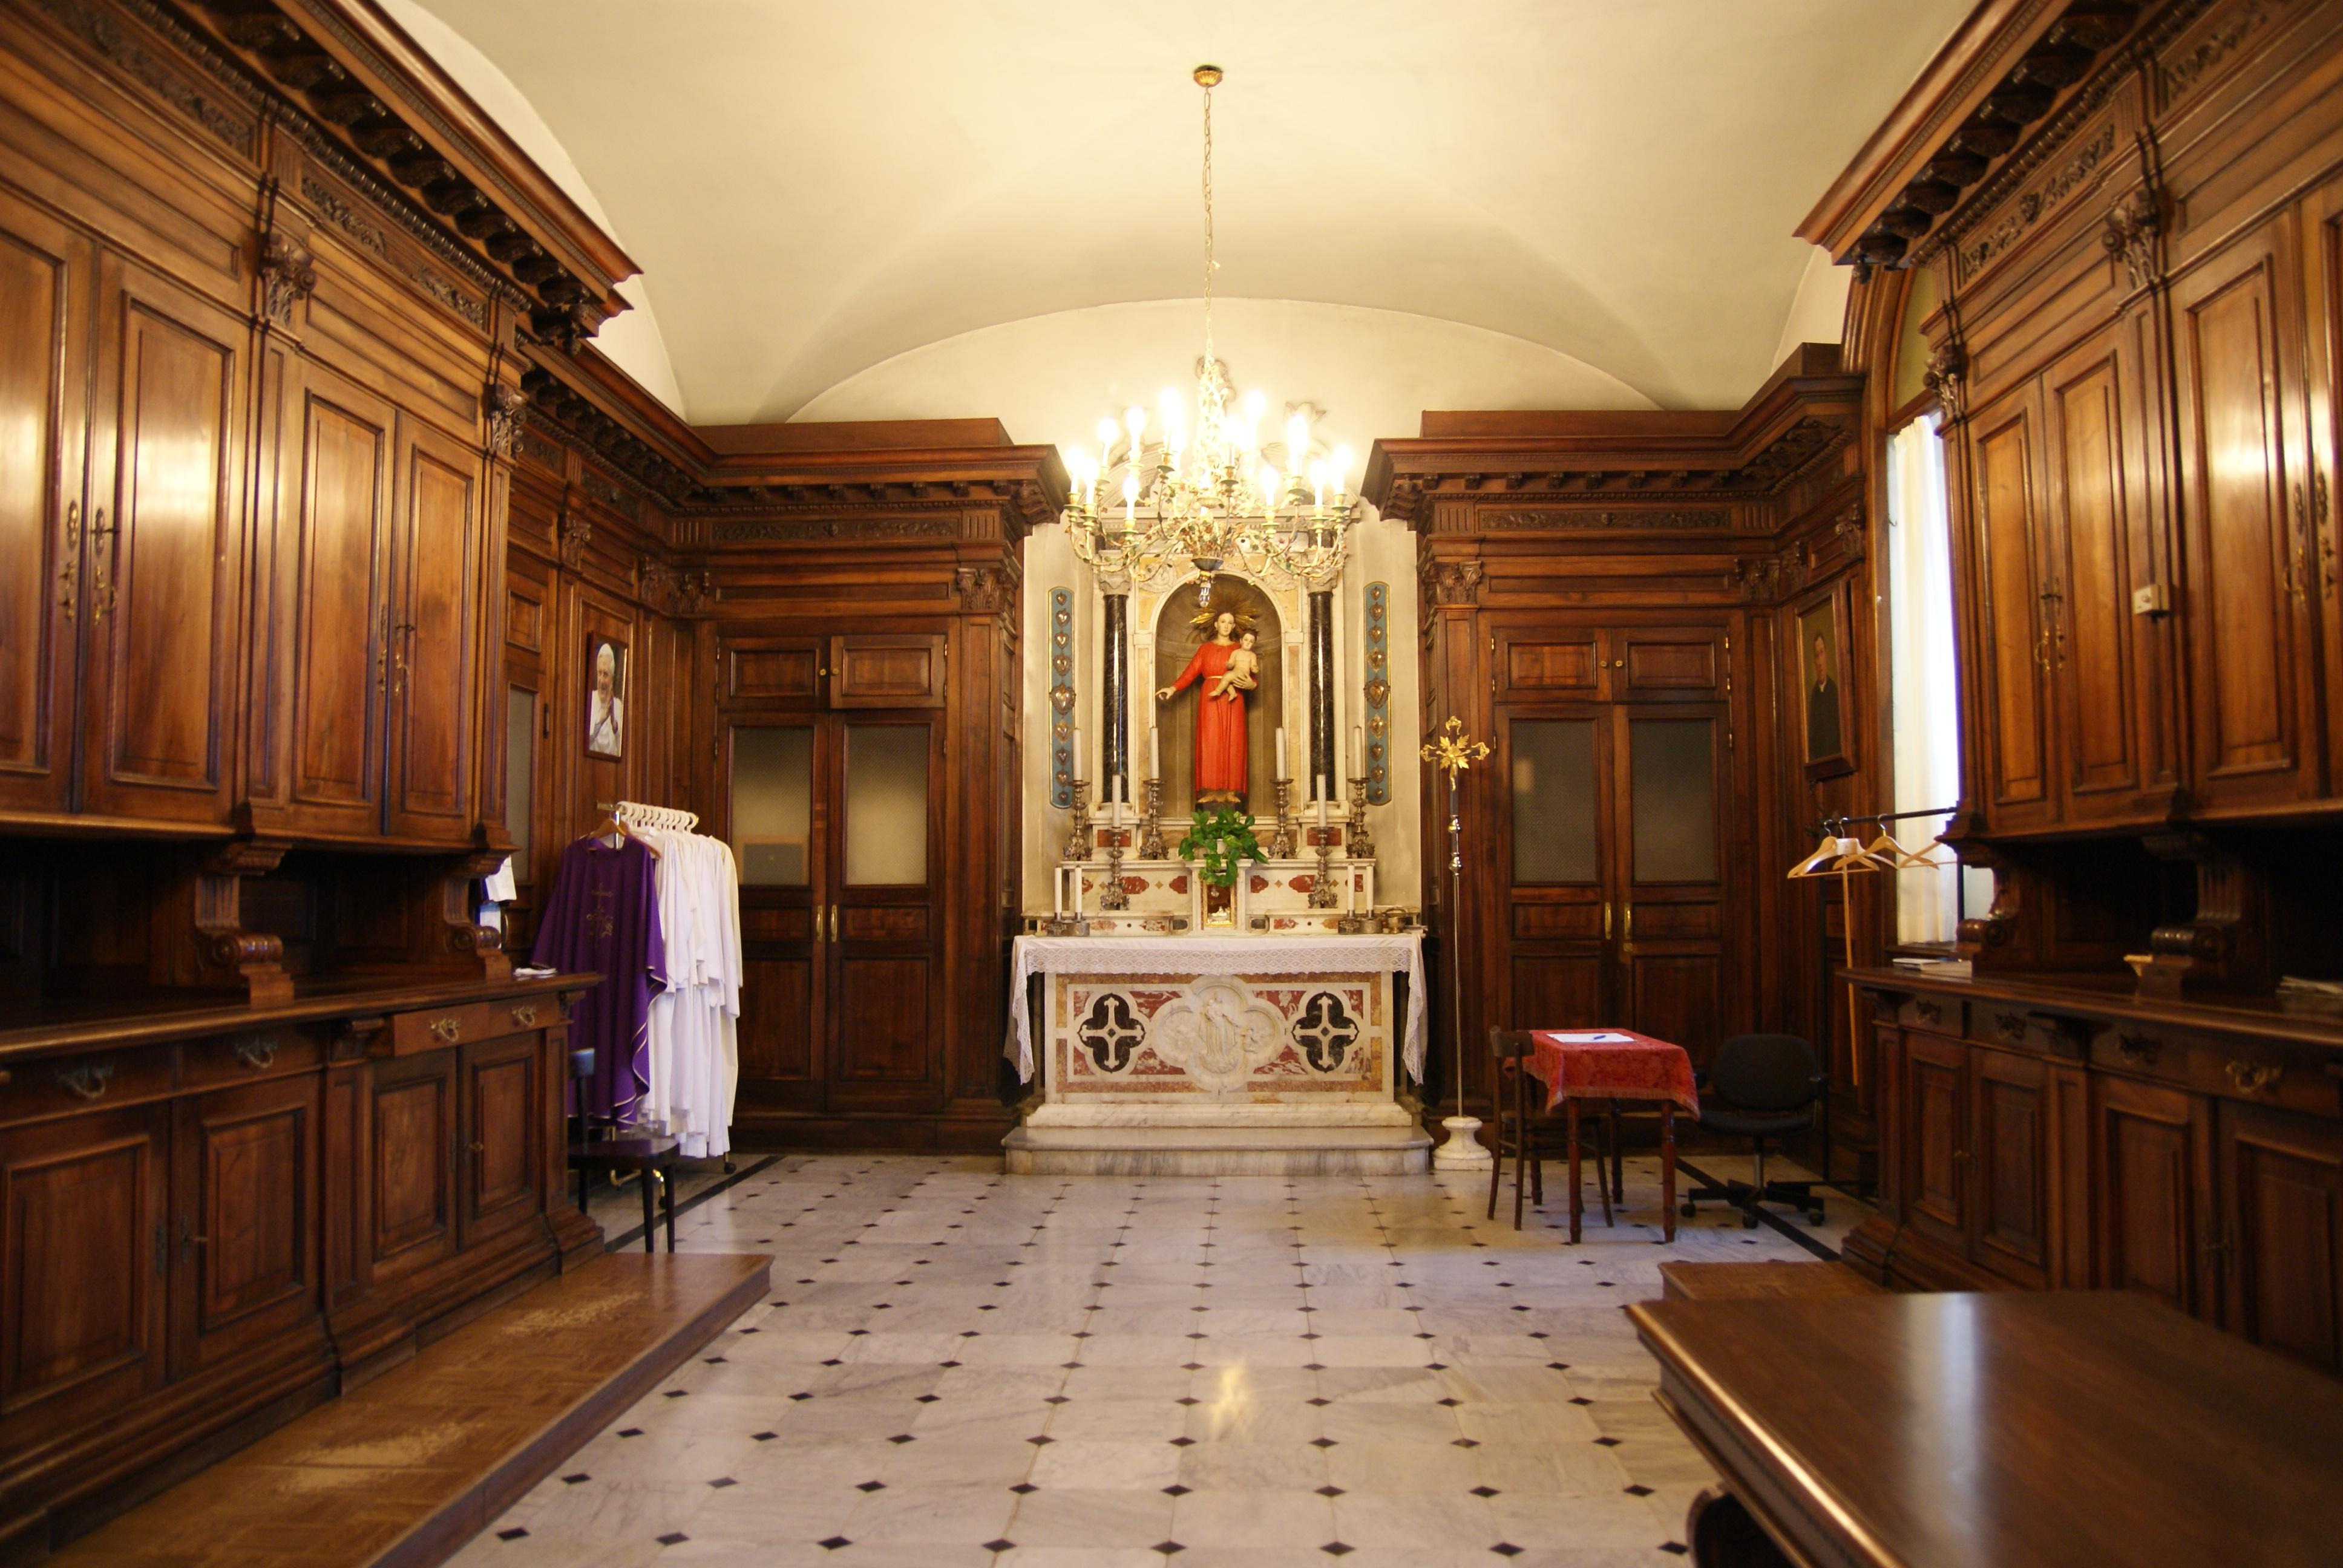 La sacrestia del Santuario della Madonna della Guardia di Genova